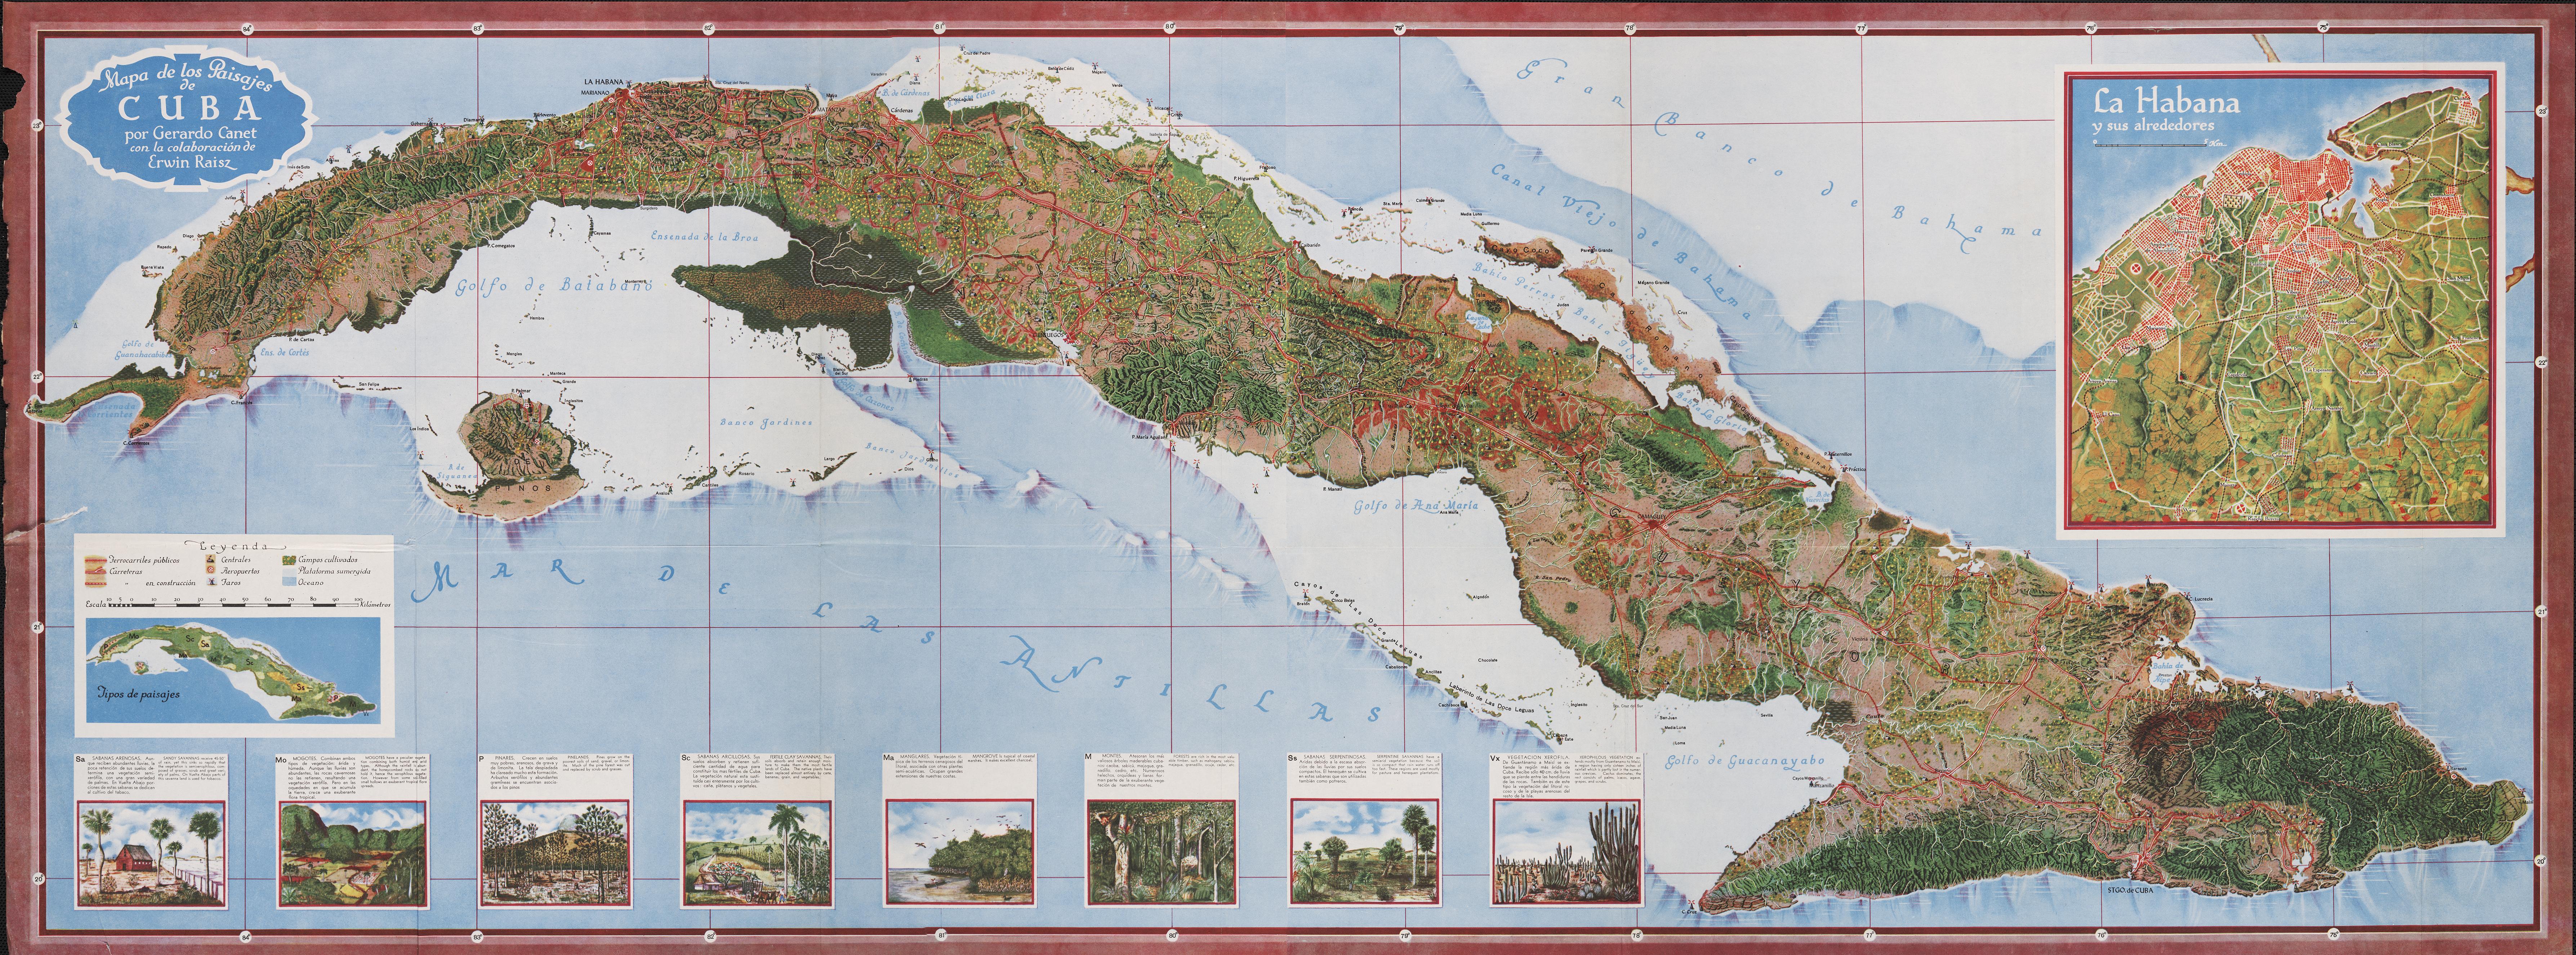 Cuba maps Making Maps DIY Cartography